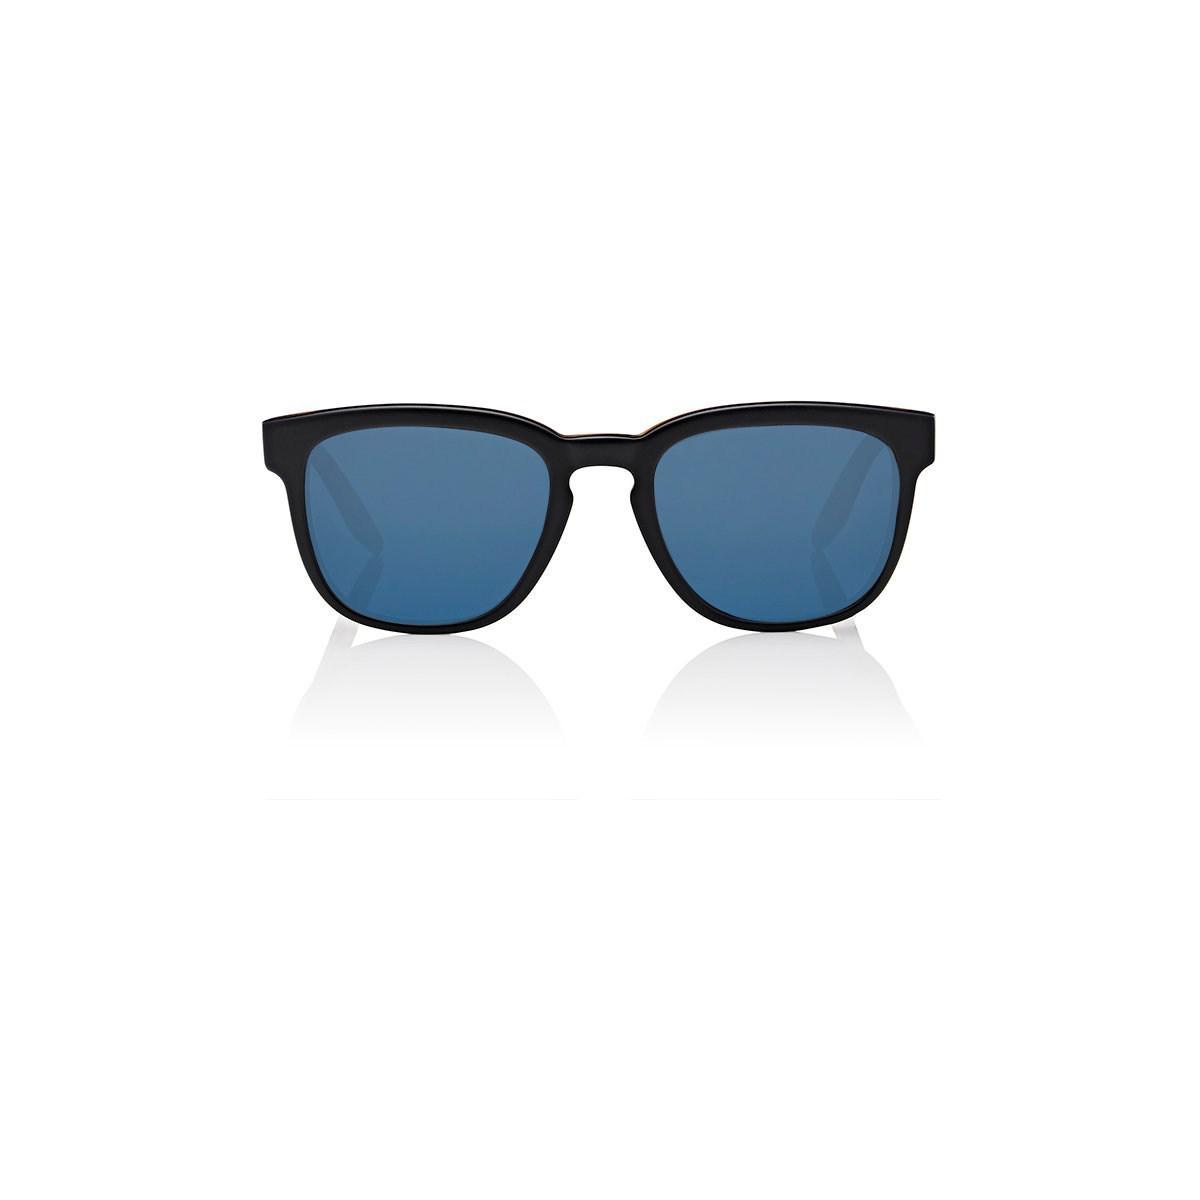 9d6394b66cd Lyst - Barton Perreira Coltrane Sunglasses in Black for Men